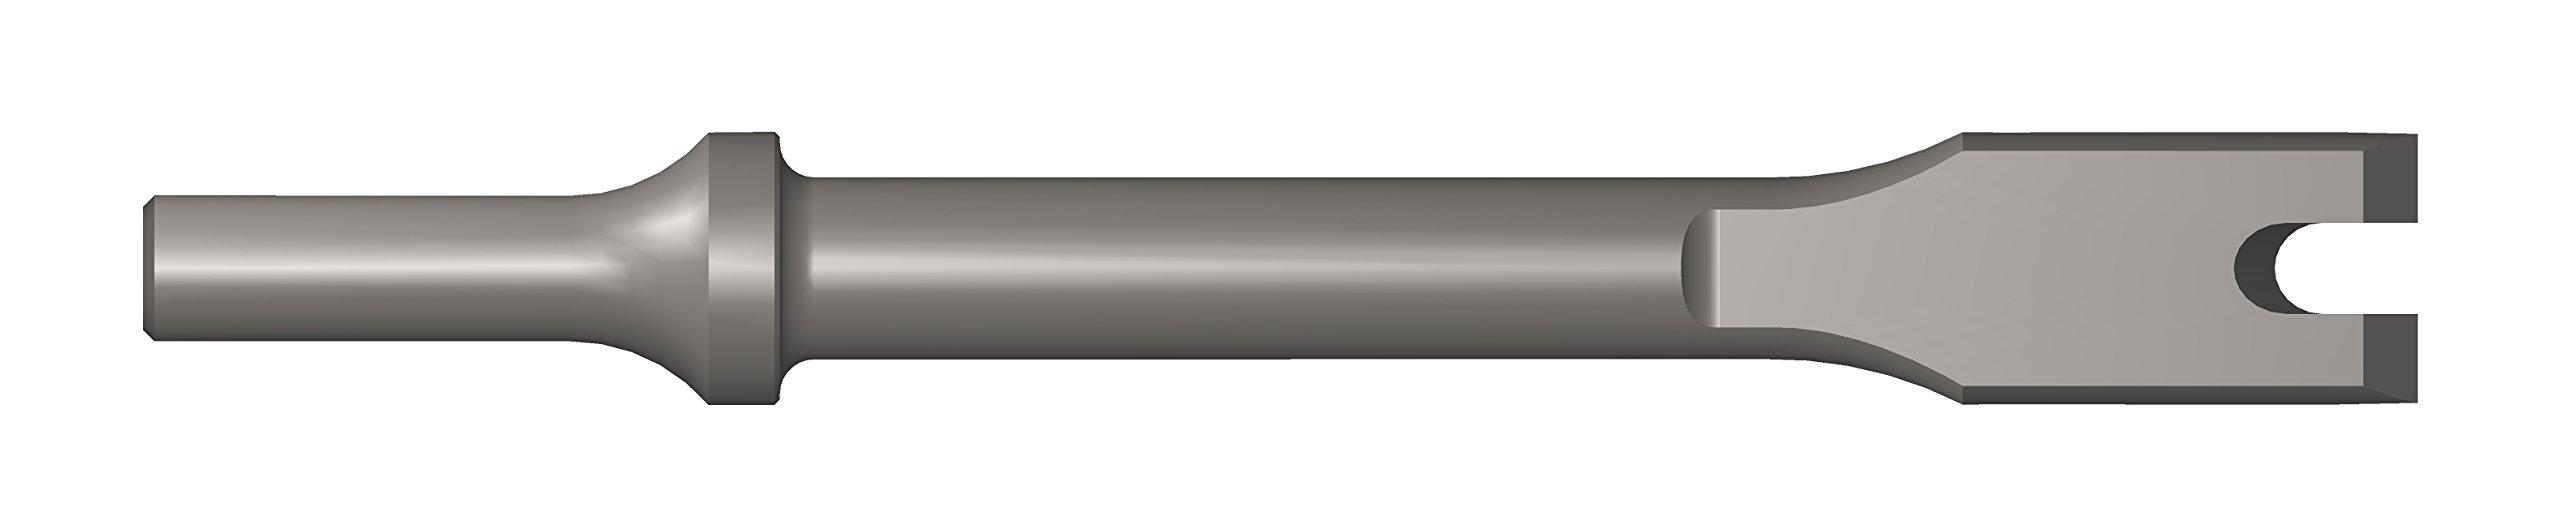 Ajax Tool Works 914 .401 Shank 0.75'' Width Spot Weld Breaker, 6.25'' Length